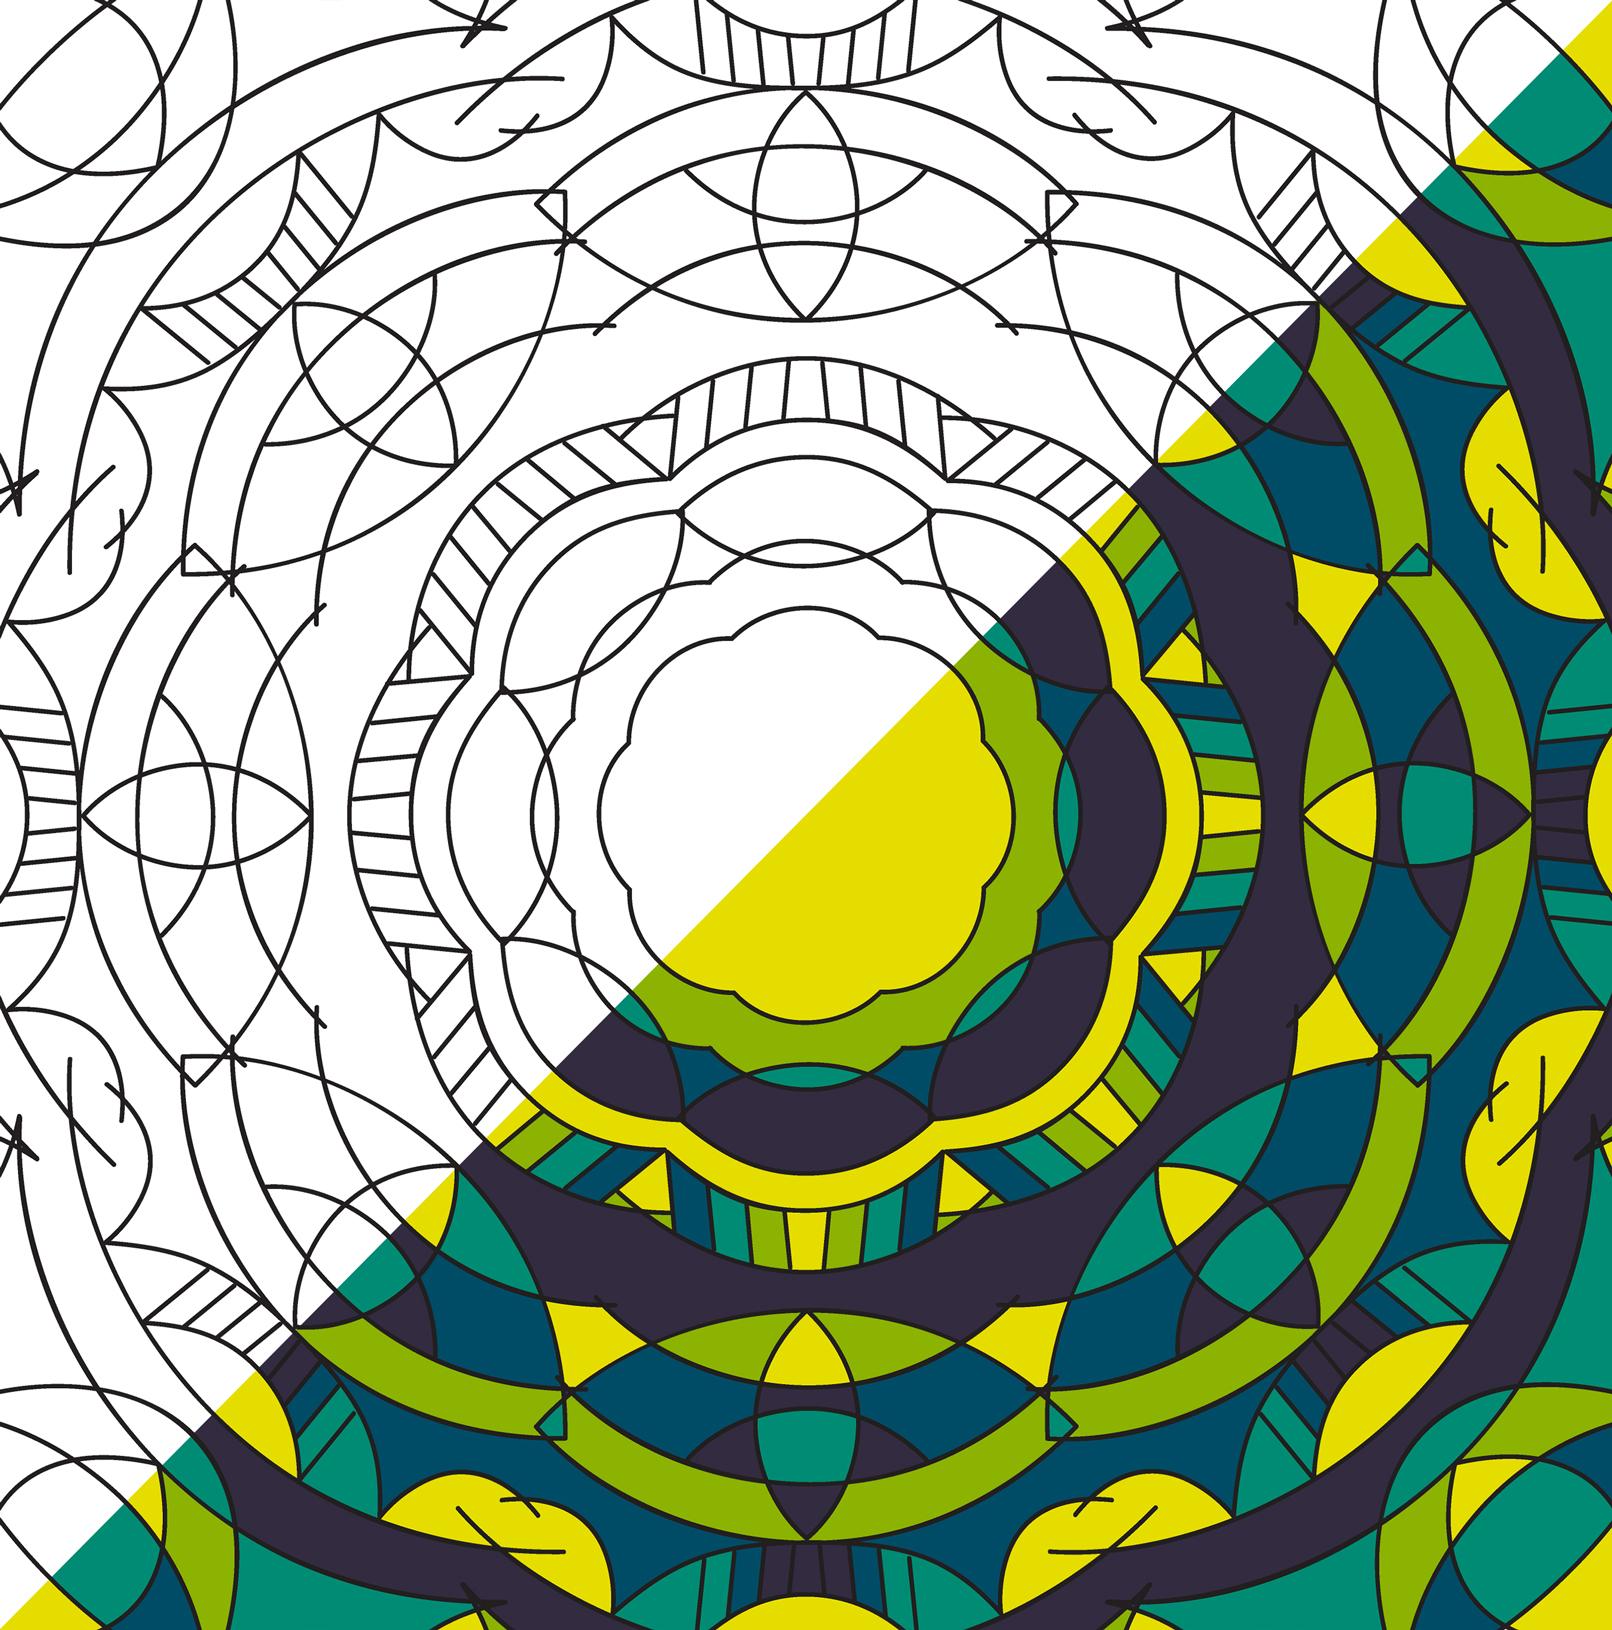 Mandala-Vorlagen und -Bilder in Schwarz-Weiß und Farbe